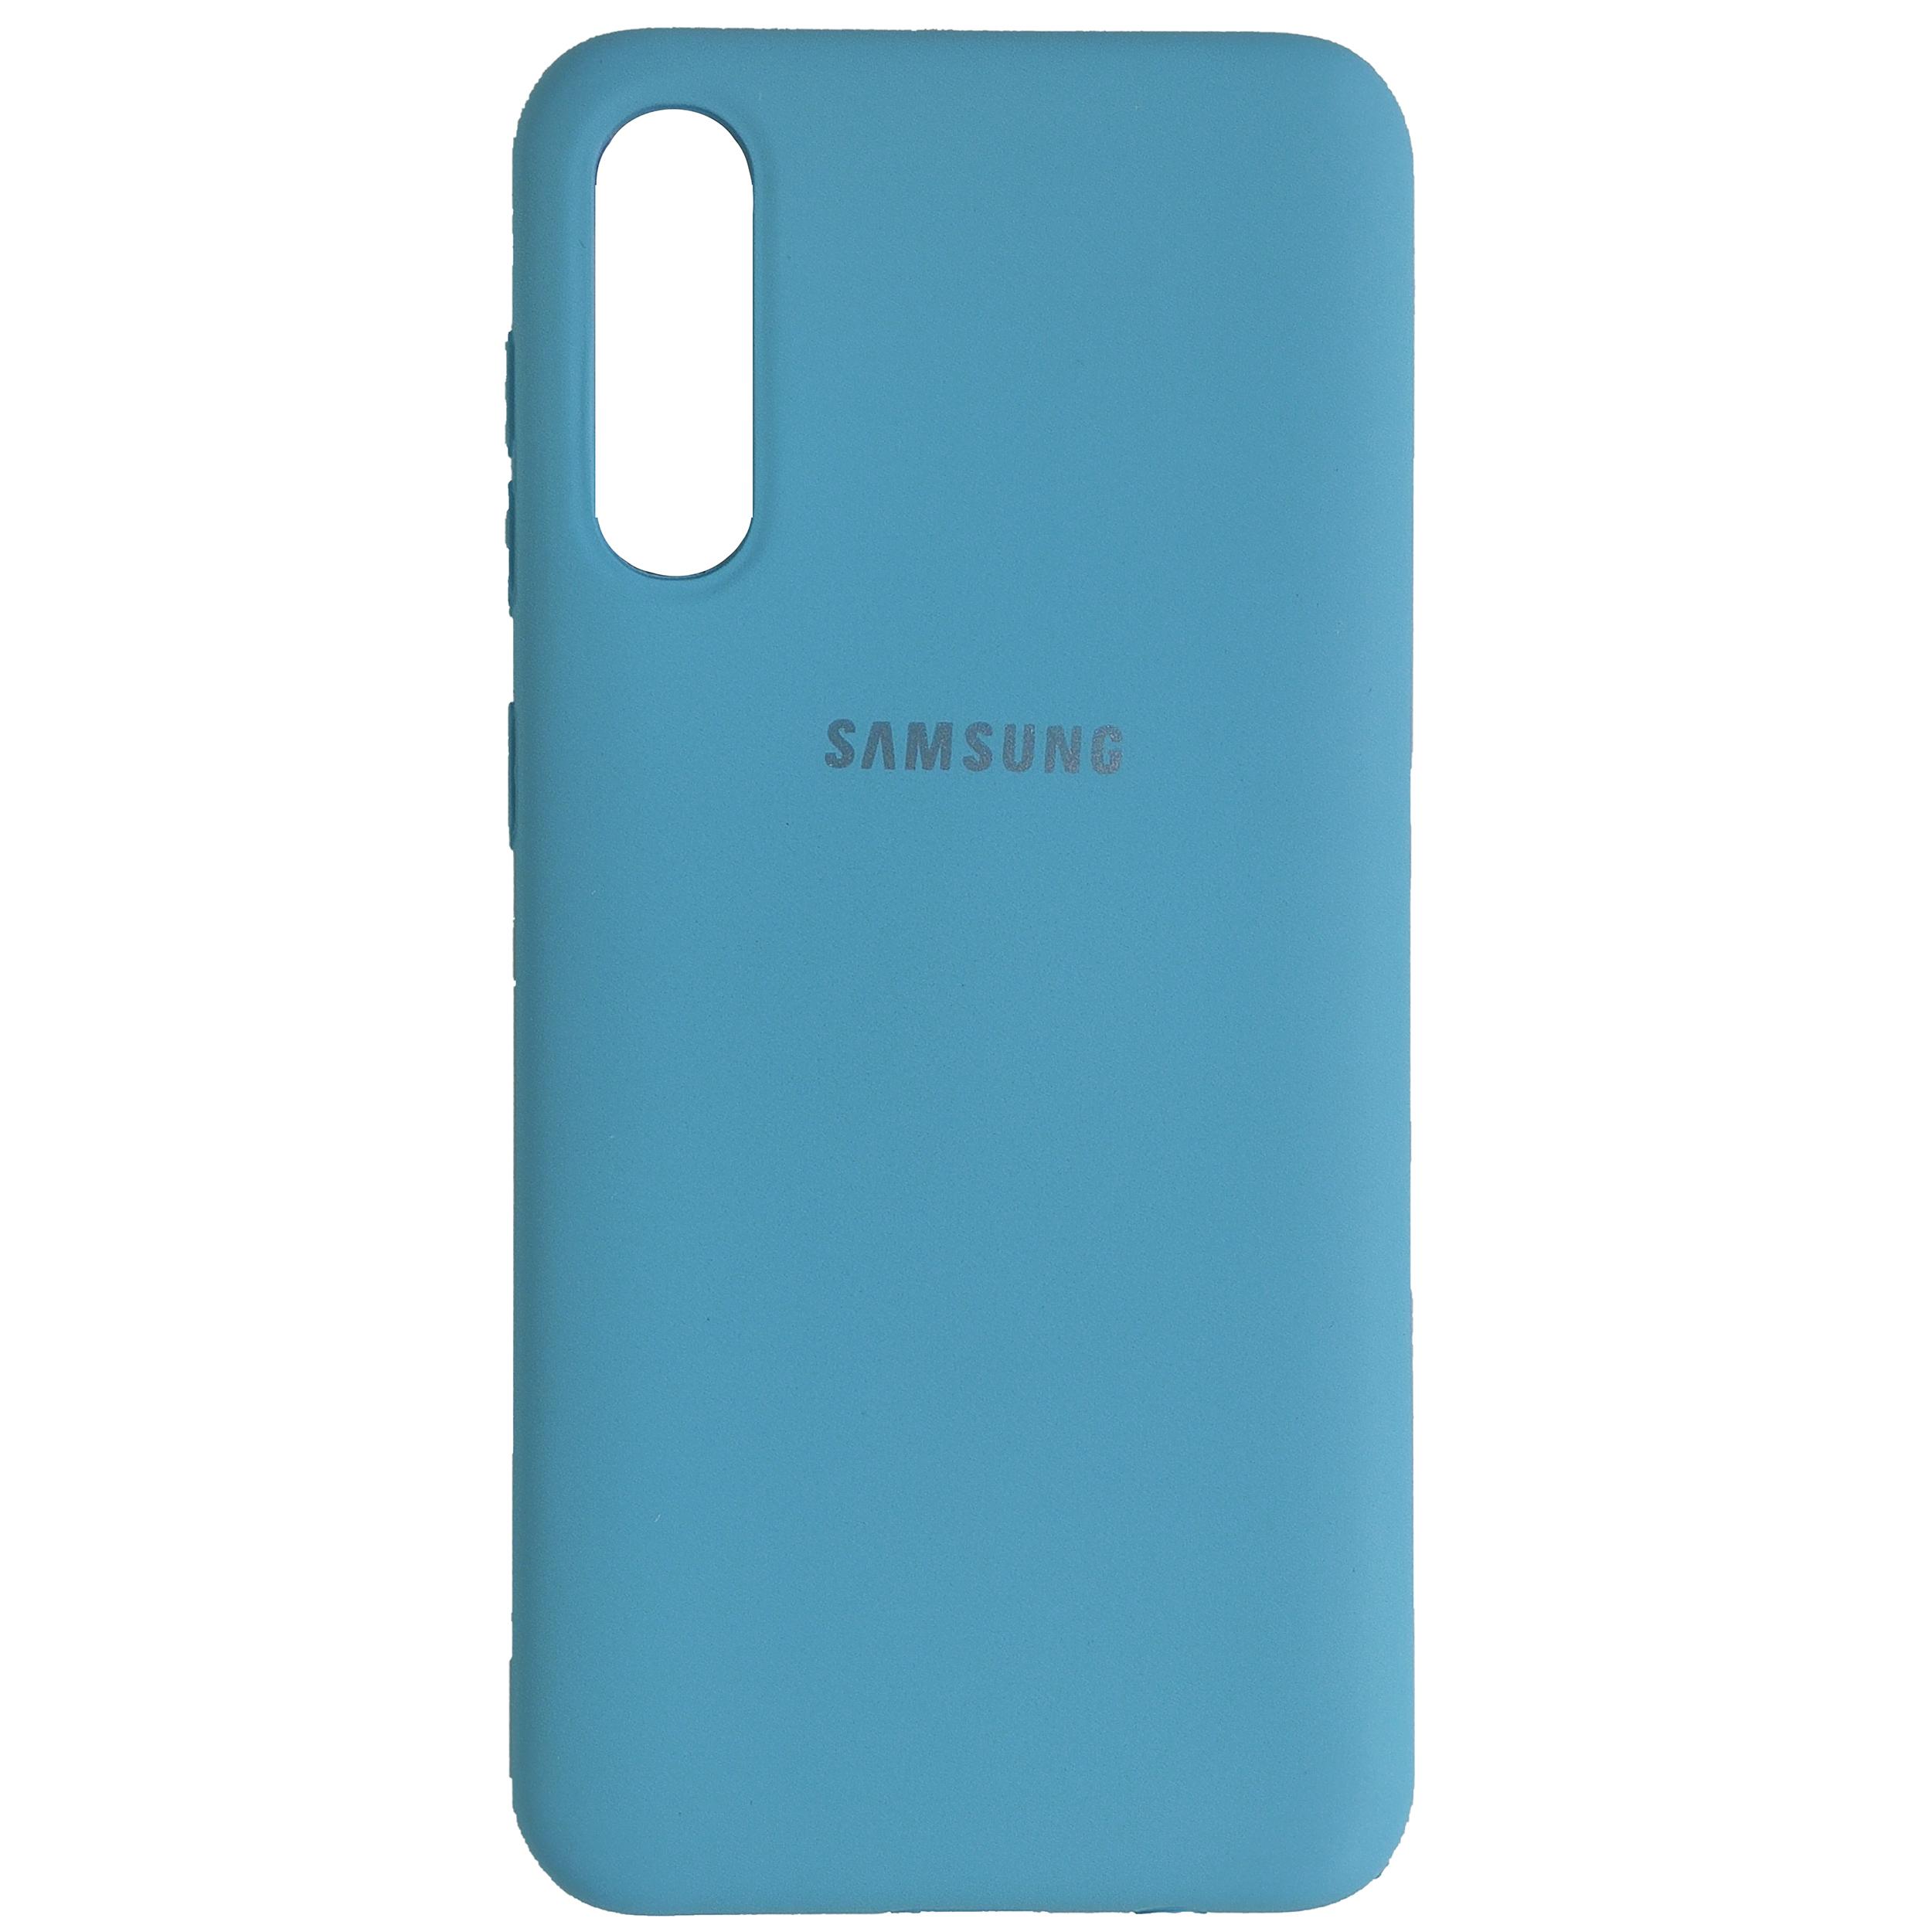 کاور مدل Sliokin مناسب برای گوشی موبایل سامسونگ Galaxy A50/A50s thumb